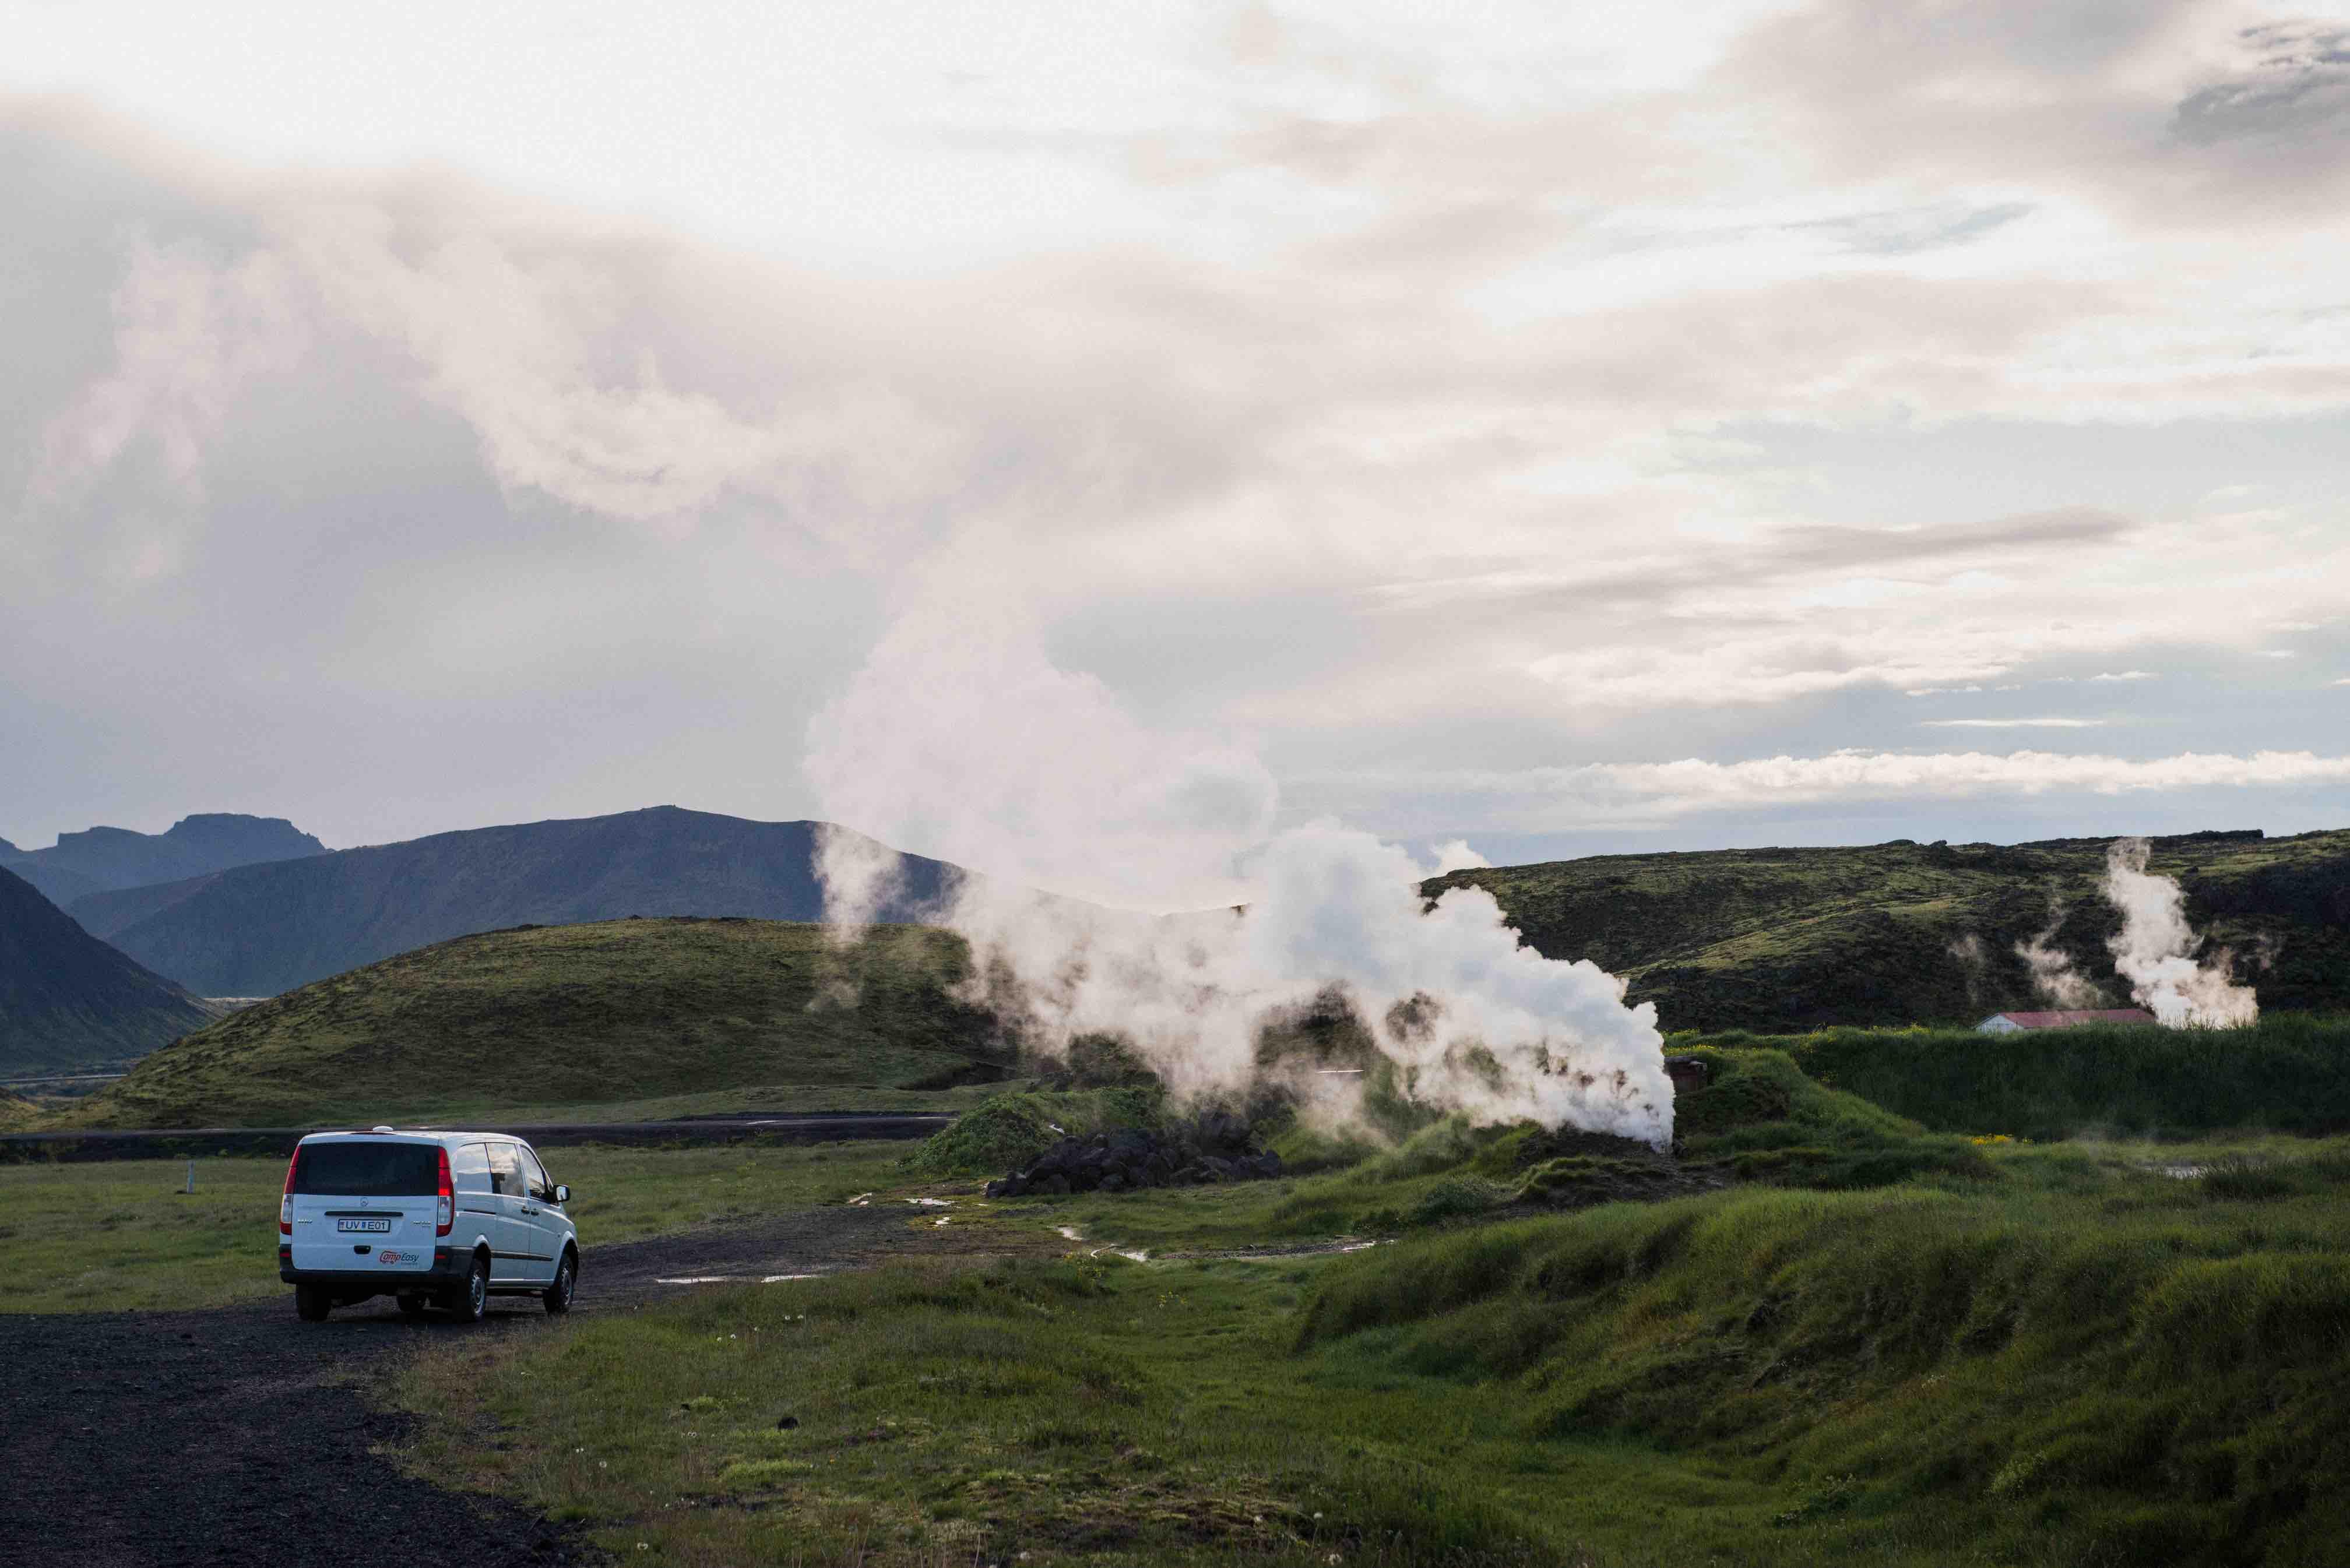 Campervan Iceland - Camper Iceland